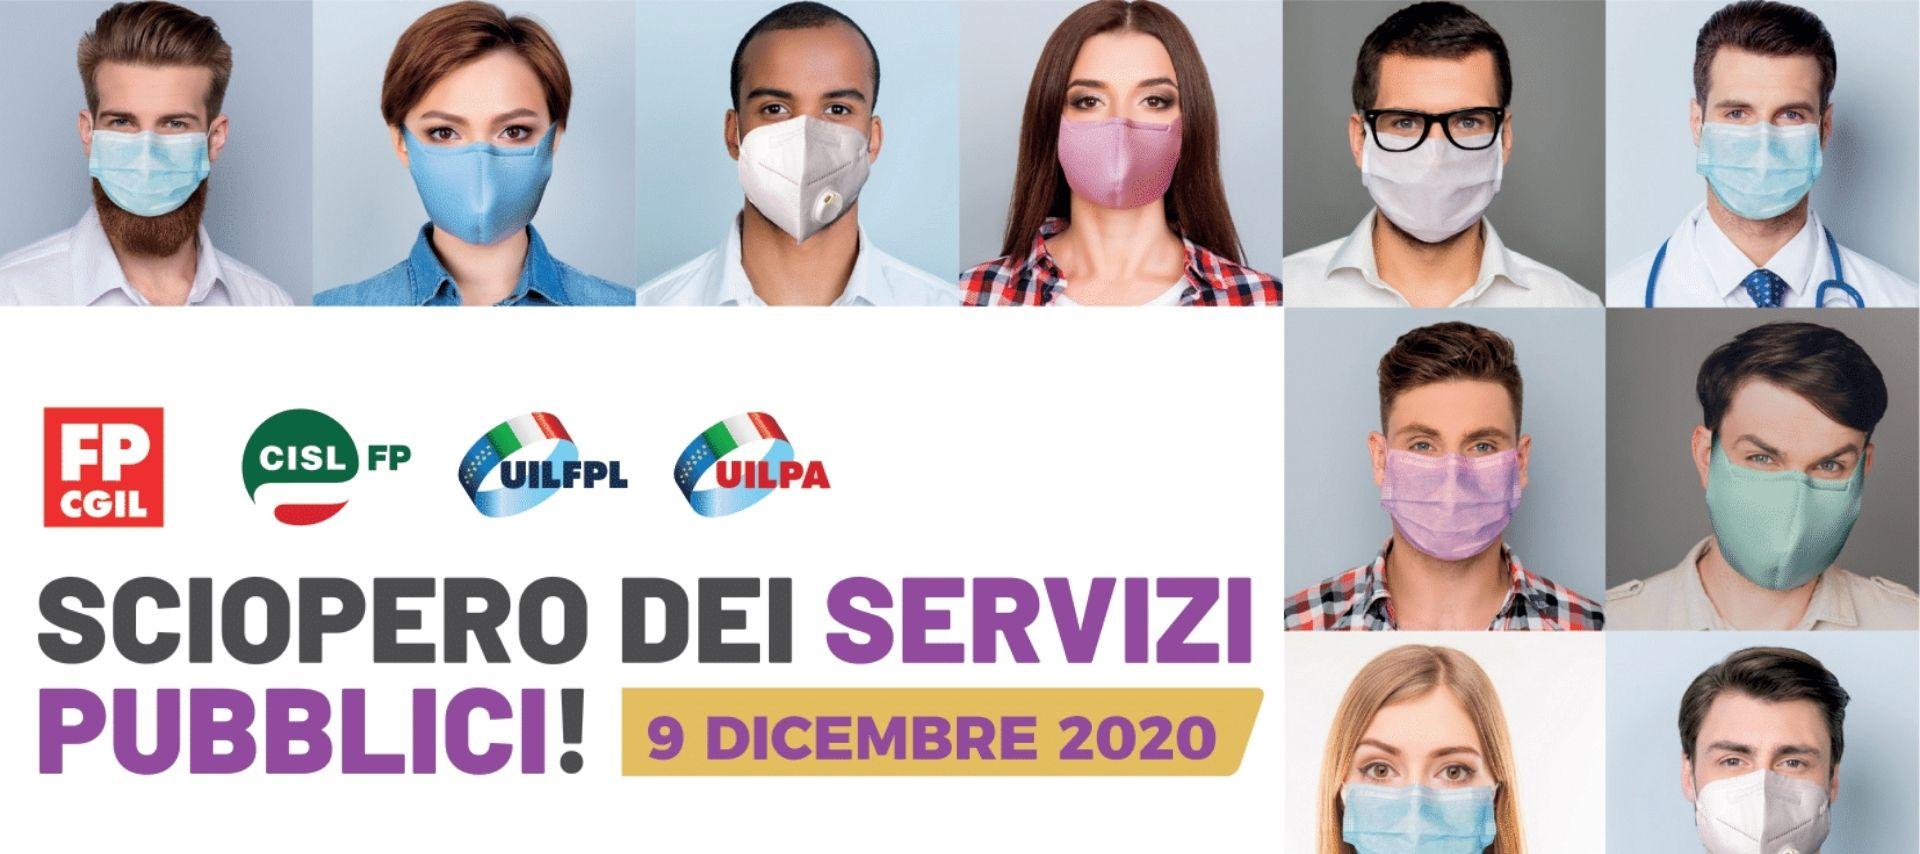 sciopero-pubblico-impiego-9-dicembre